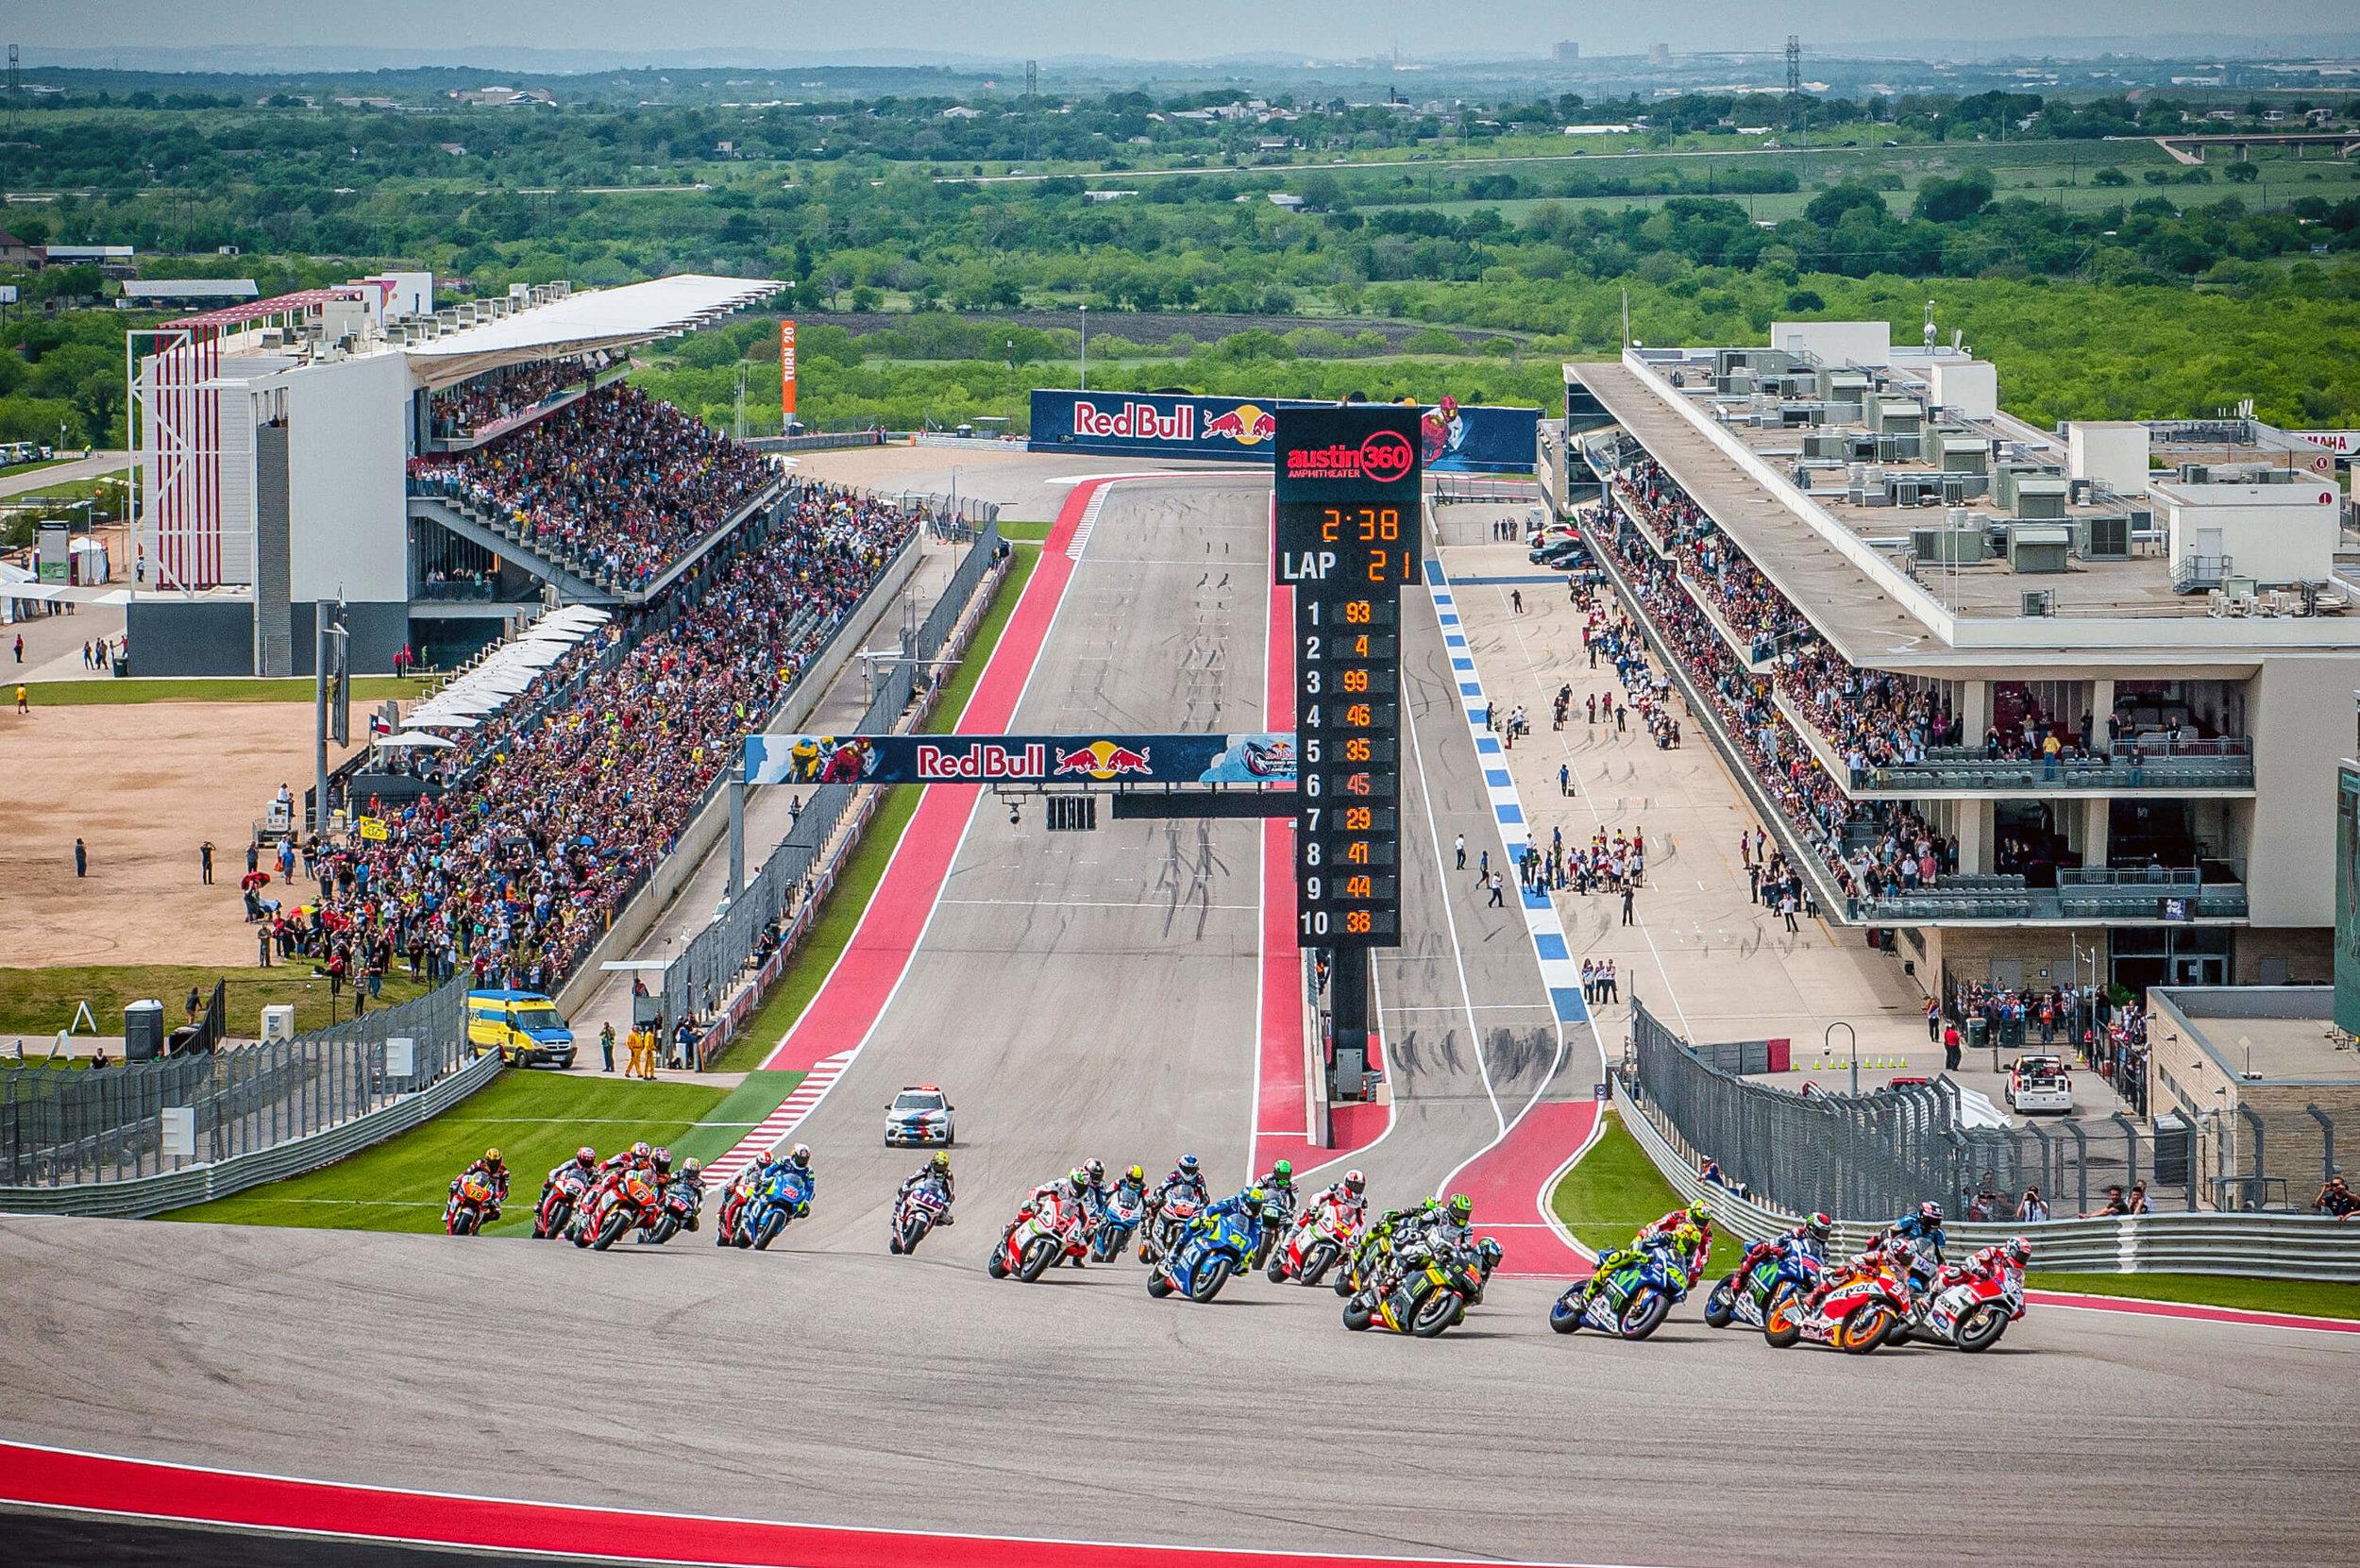 MotoGP_portfolio5.jpg